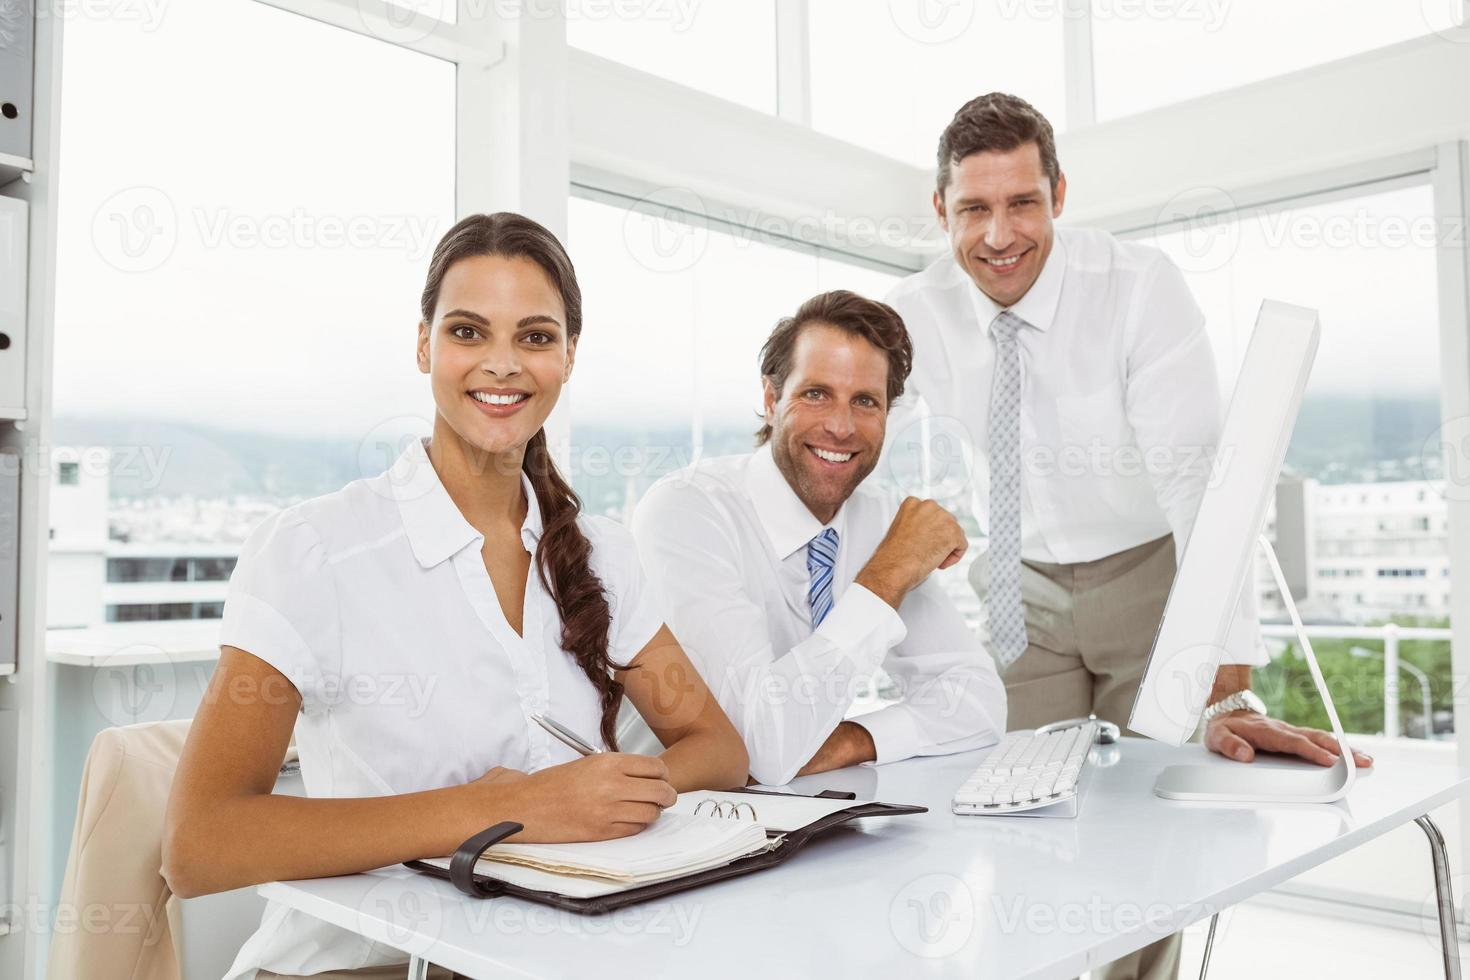 drei lächelnde Geschäftsleute am Schreibtisch foto